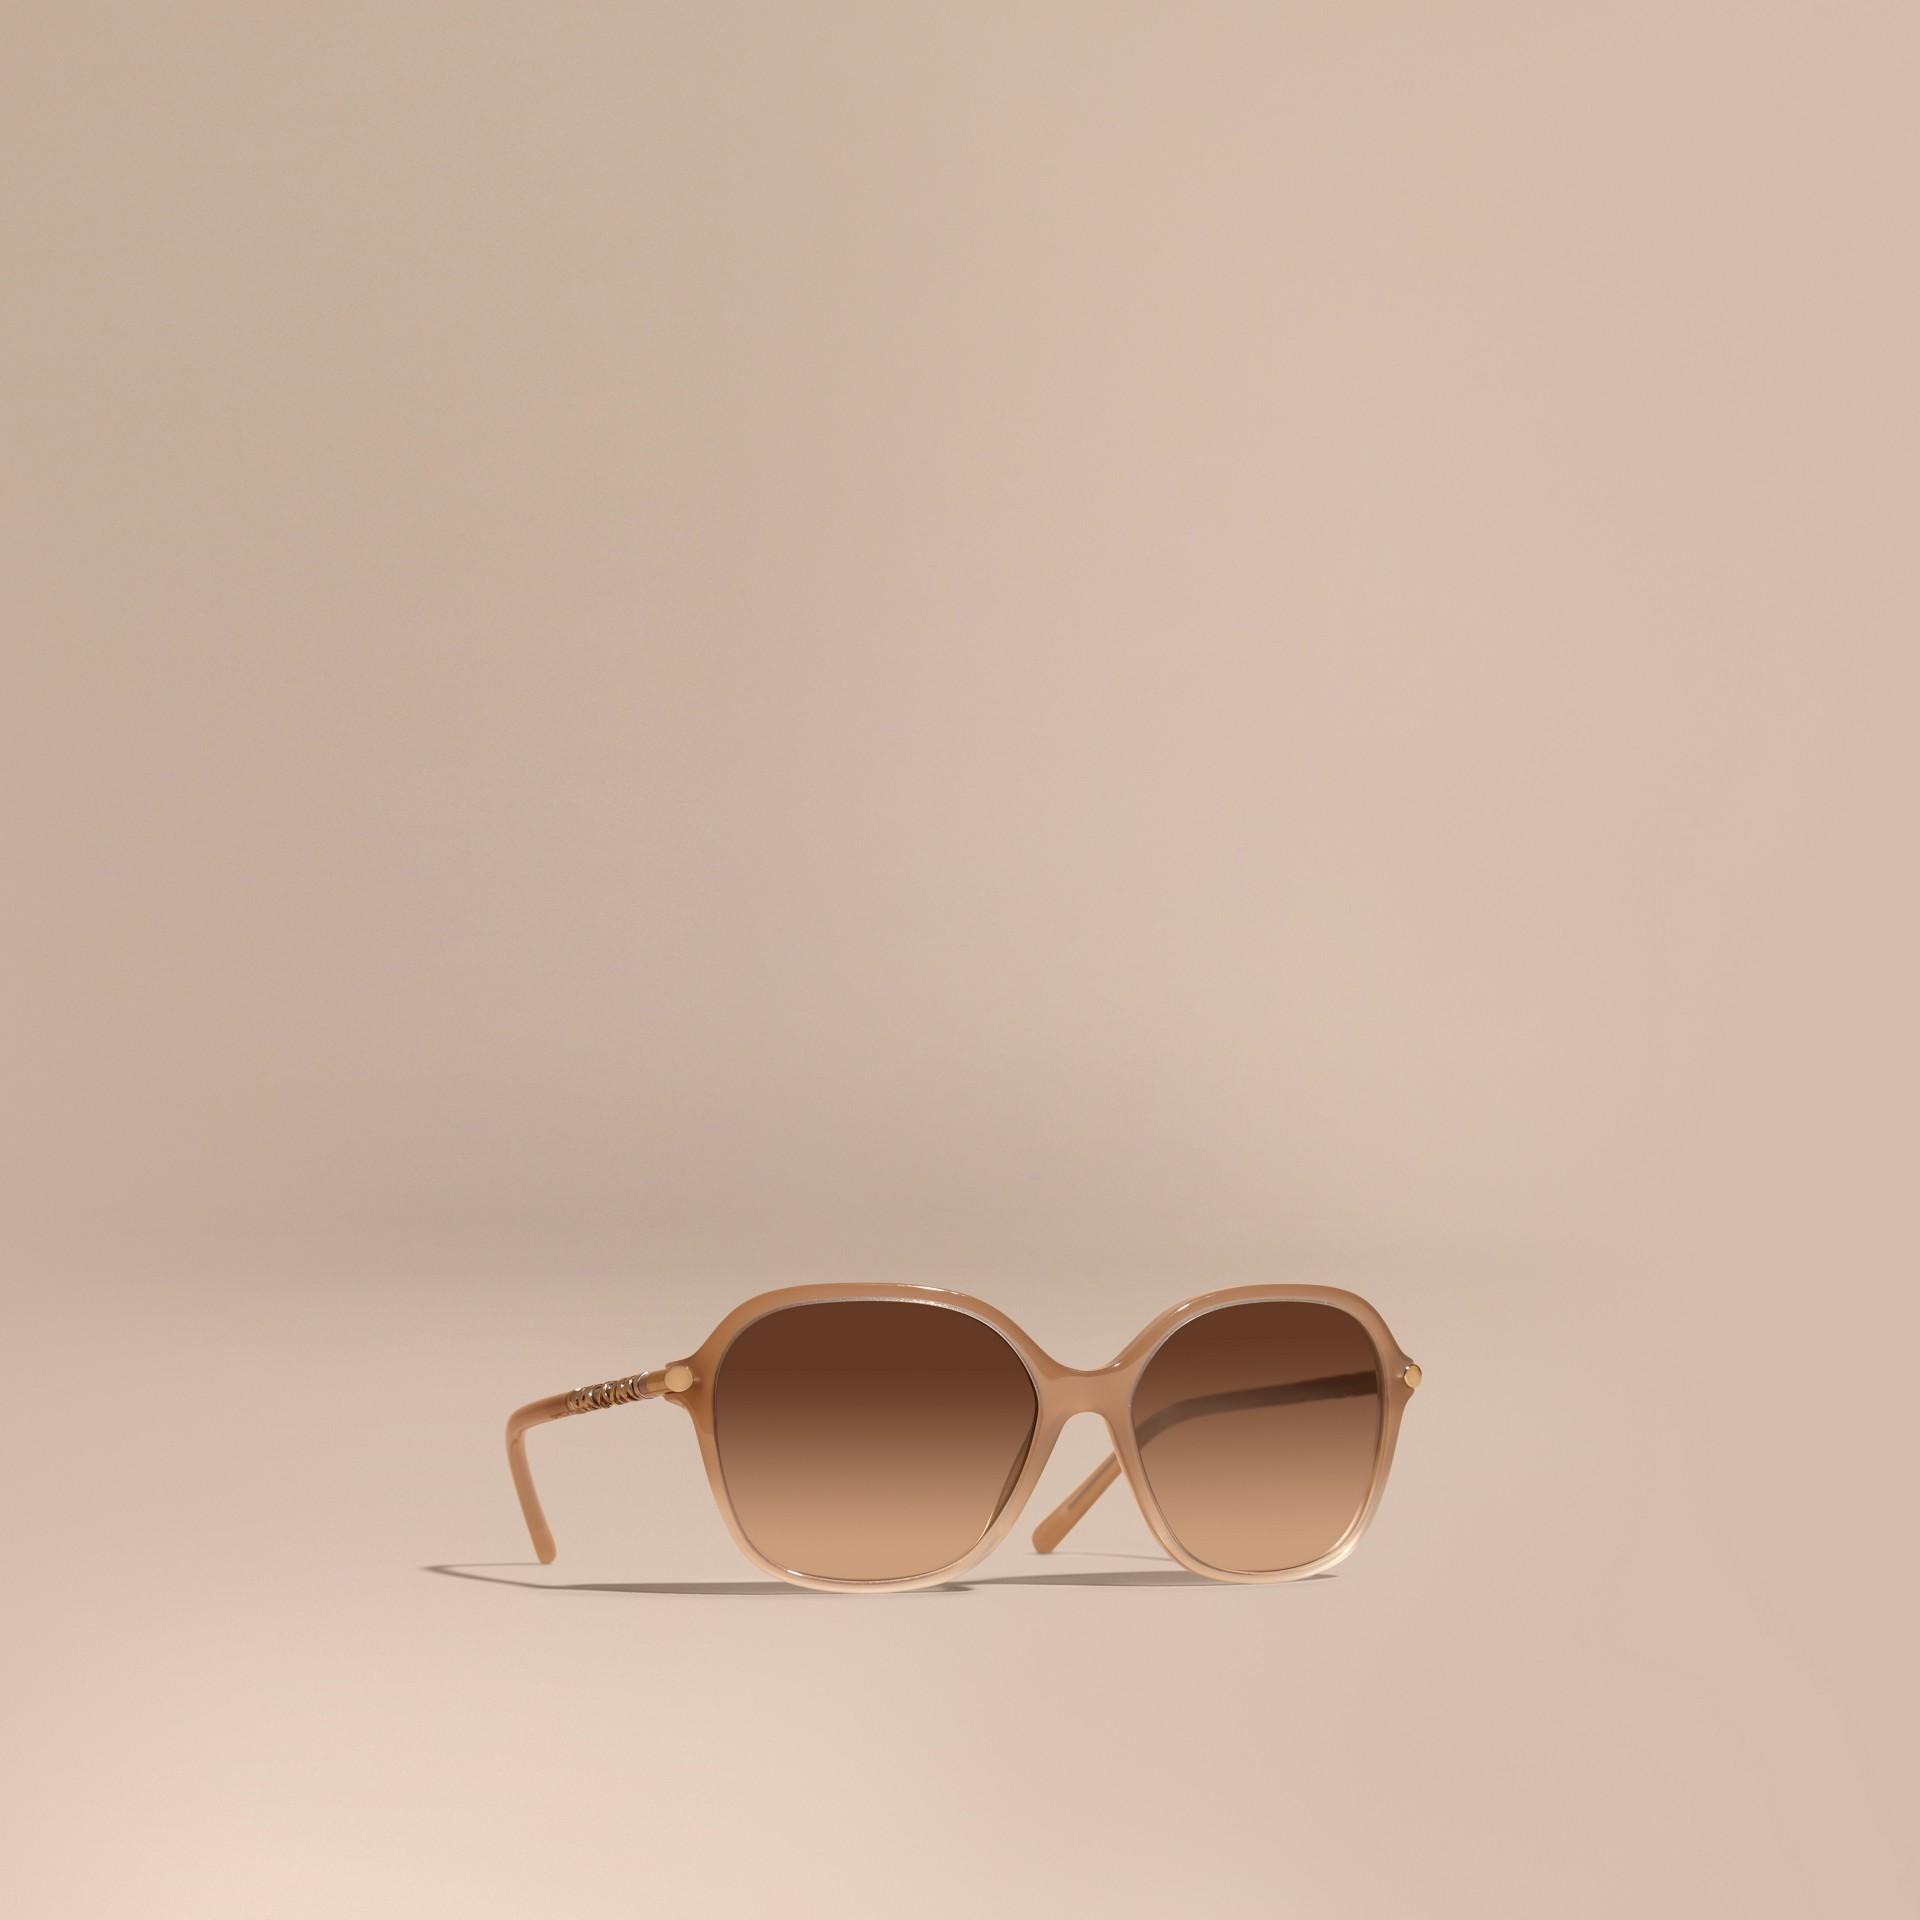 Chino grey Check Detail Round Frame Sunglasses Chino Grey - gallery image 1